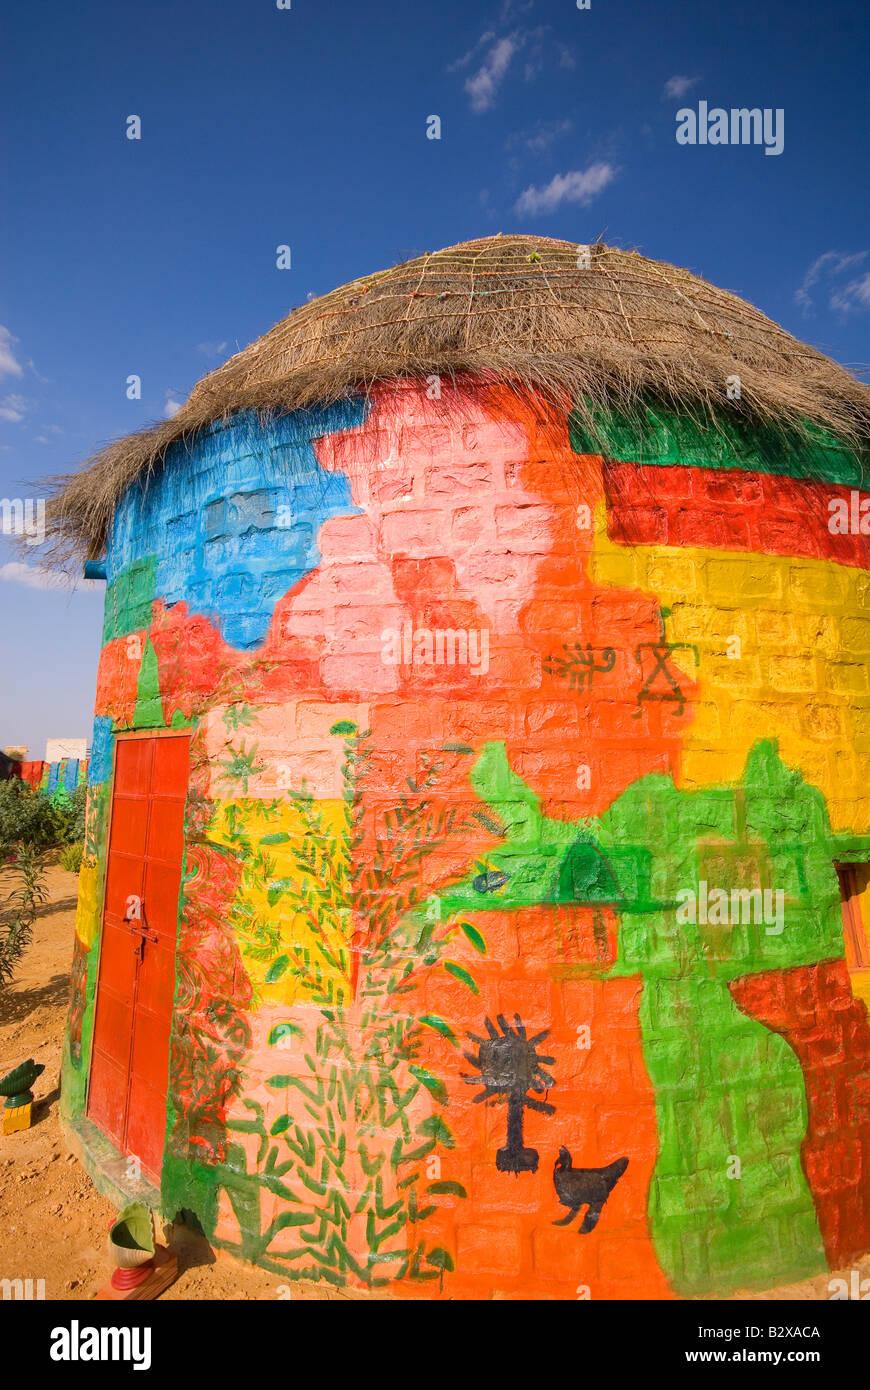 Künstlerkolonie, große Thar-Wüste, in der Nähe von Jaisalmer, Rajasthan, Indien, Subkontinent, Asien Stockfoto